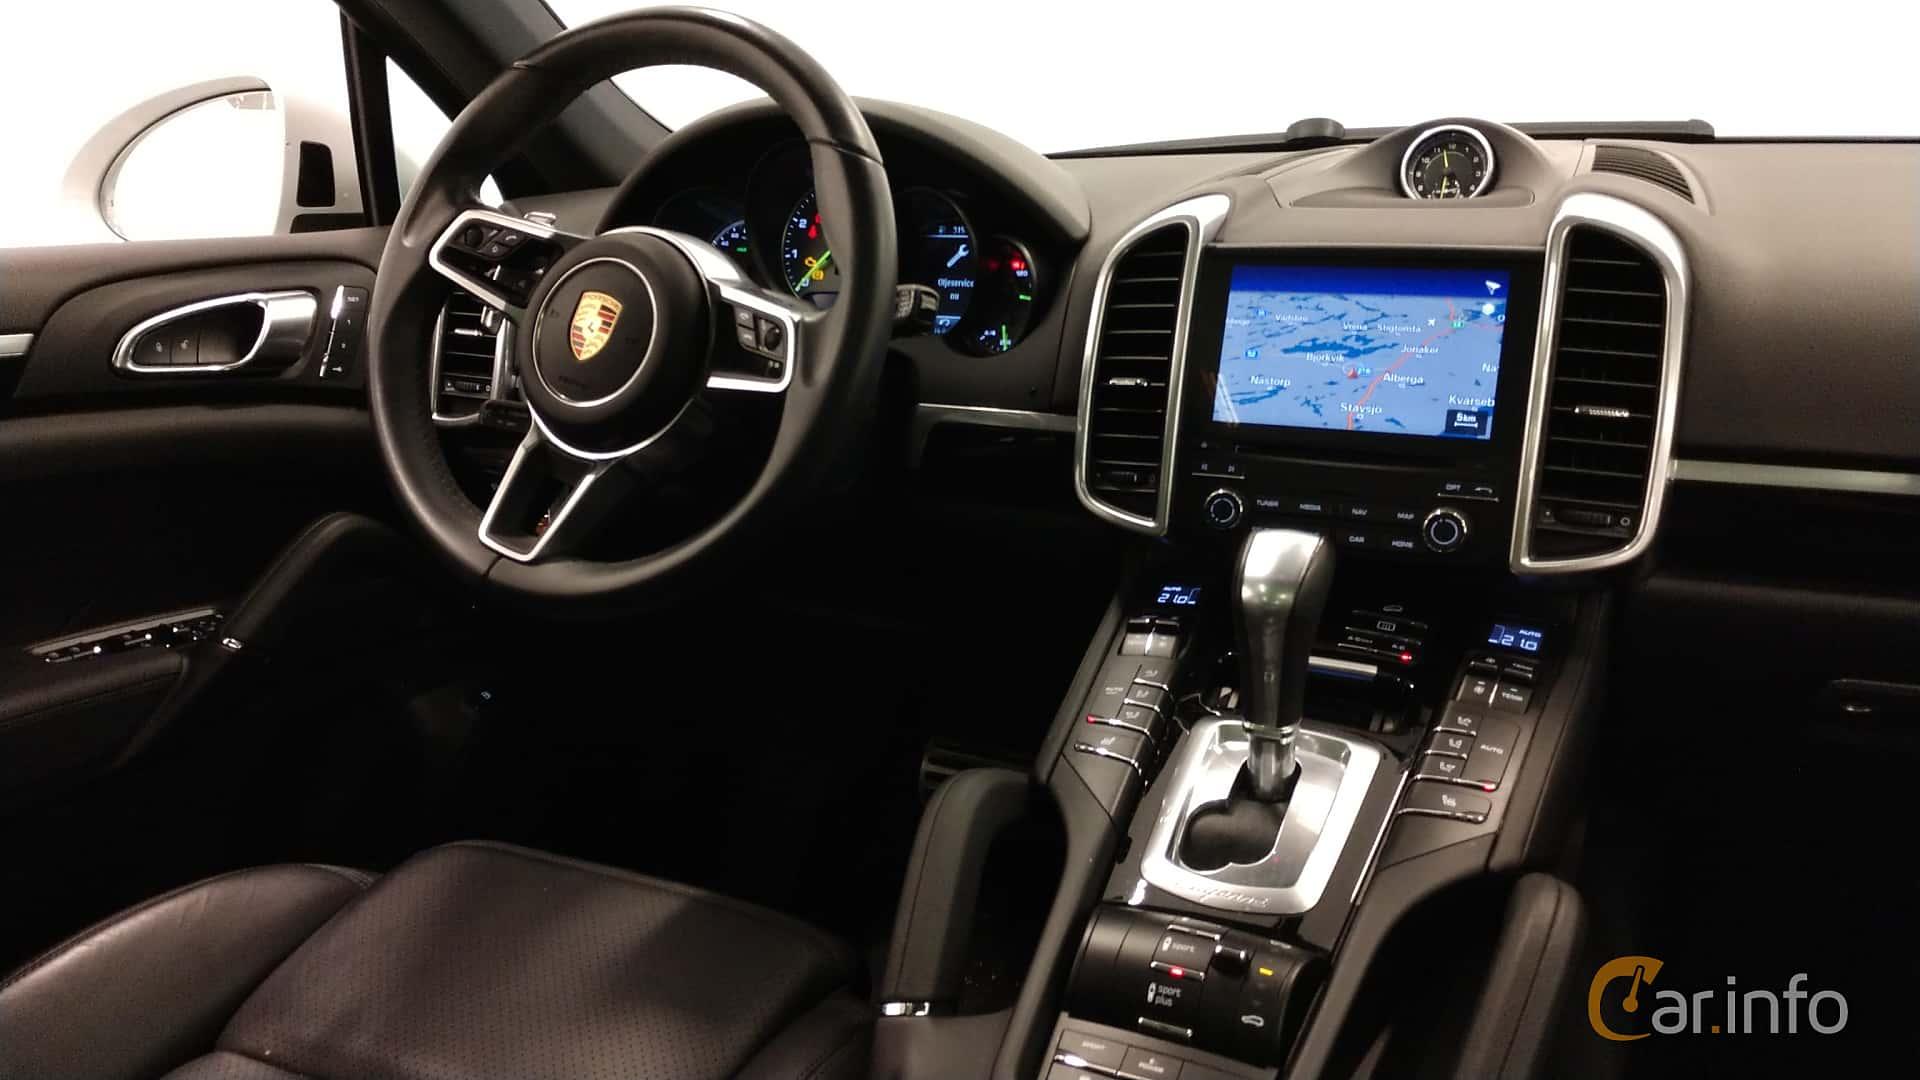 Porsche Cayenne S E-Hybrid 3.0 V6 4 TipTronic S, 416hk, 2017